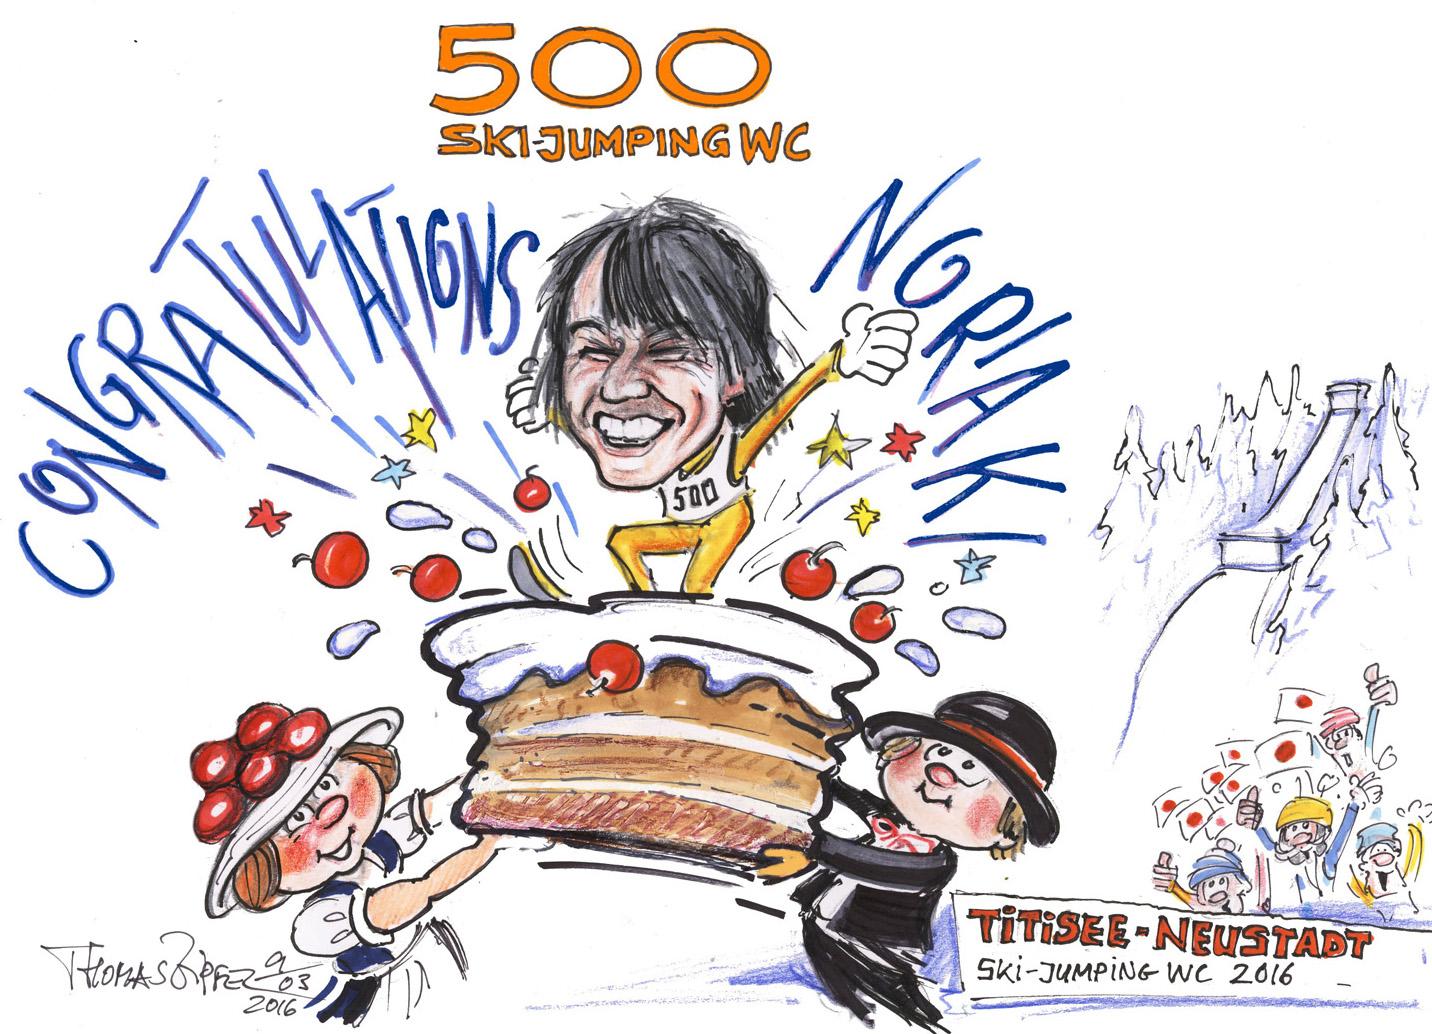 Noriaki Kasai 500